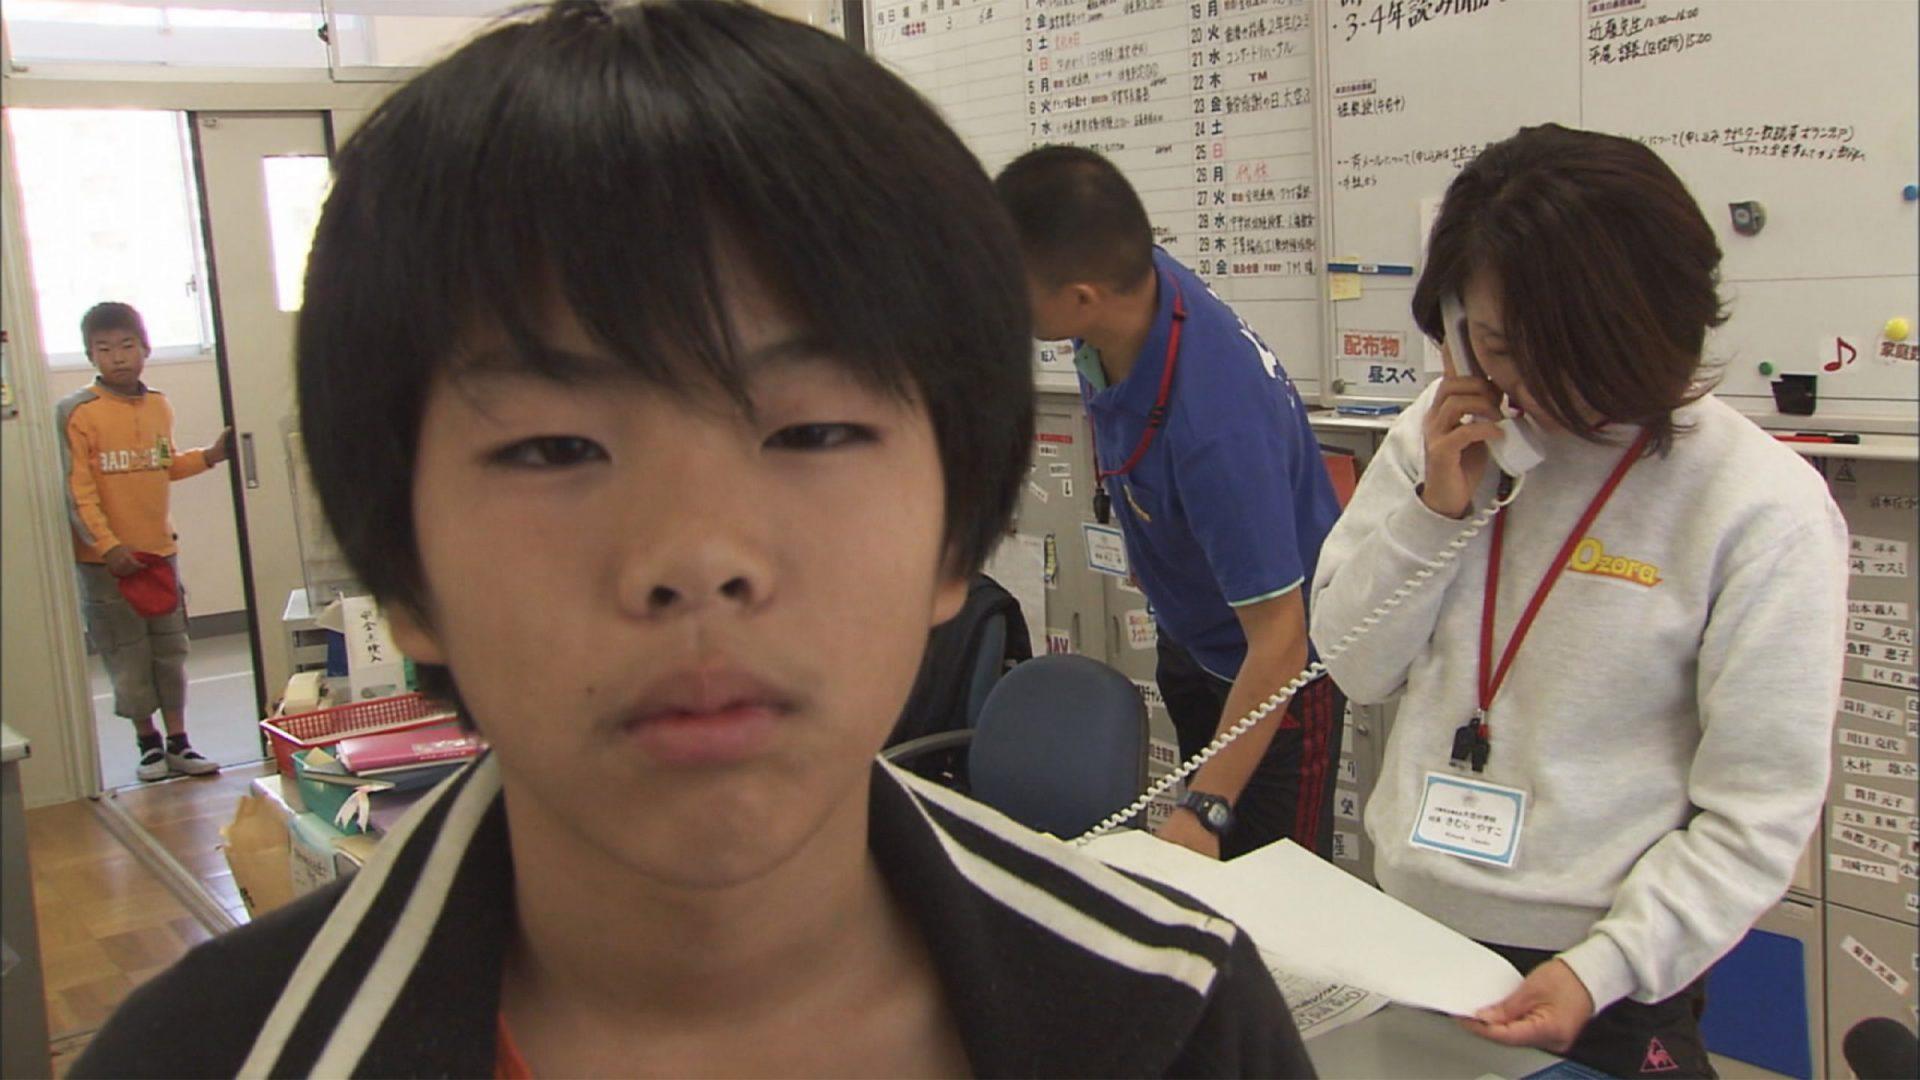 ドキュメンタリー映画『みんなの学校』